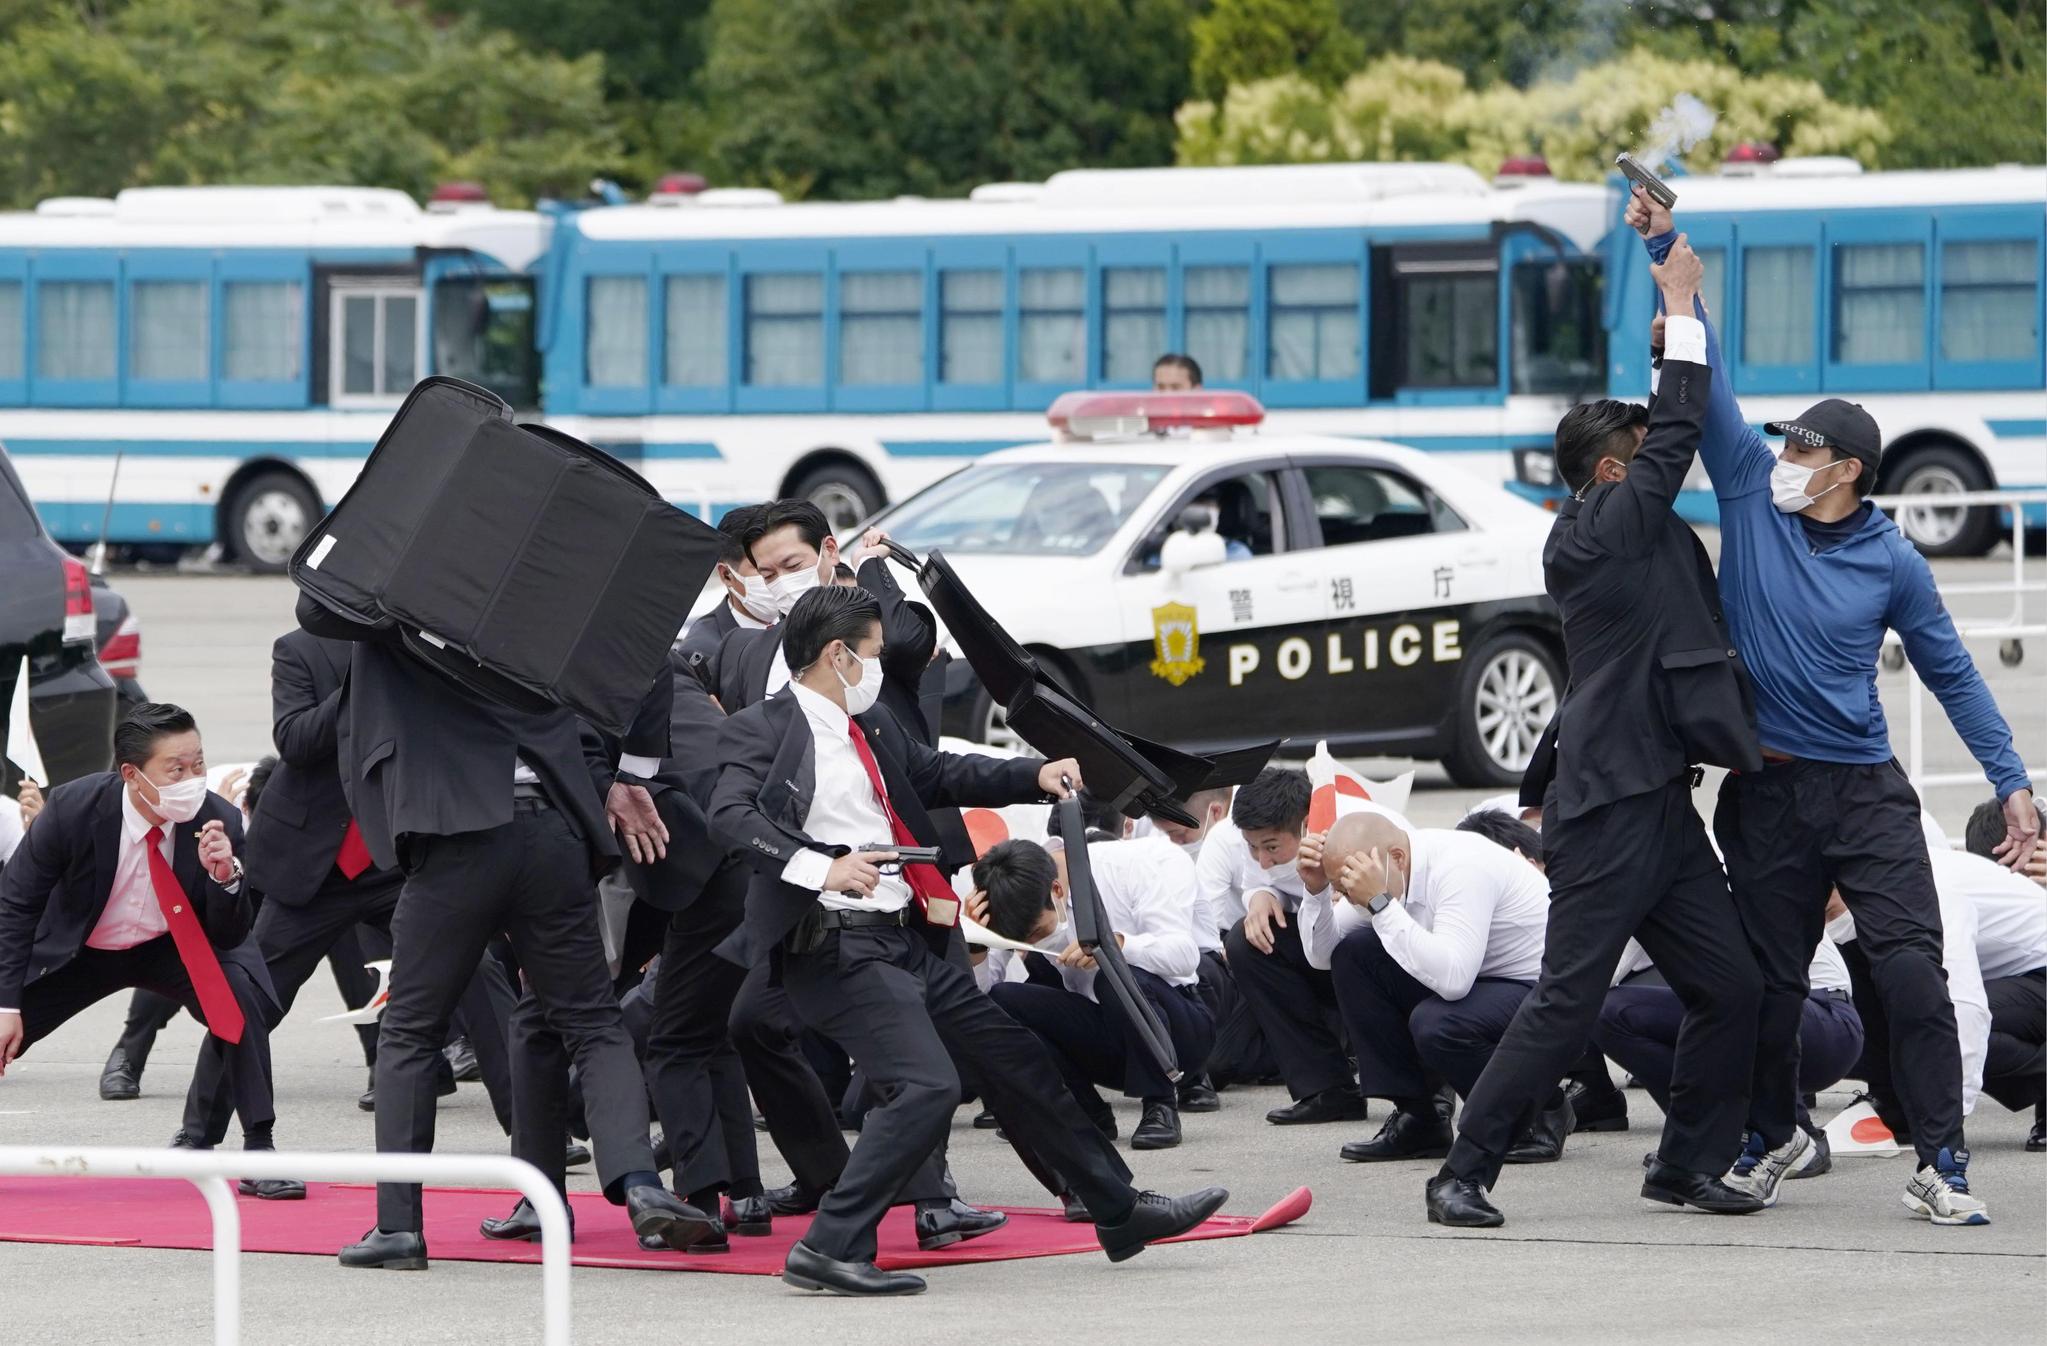 일본 도쿄올림픽을 한 달 앞둔 22일 일본 경찰이 올림픽 대비 대테러 훈련을 하고 있다. 교도=연합뉴스